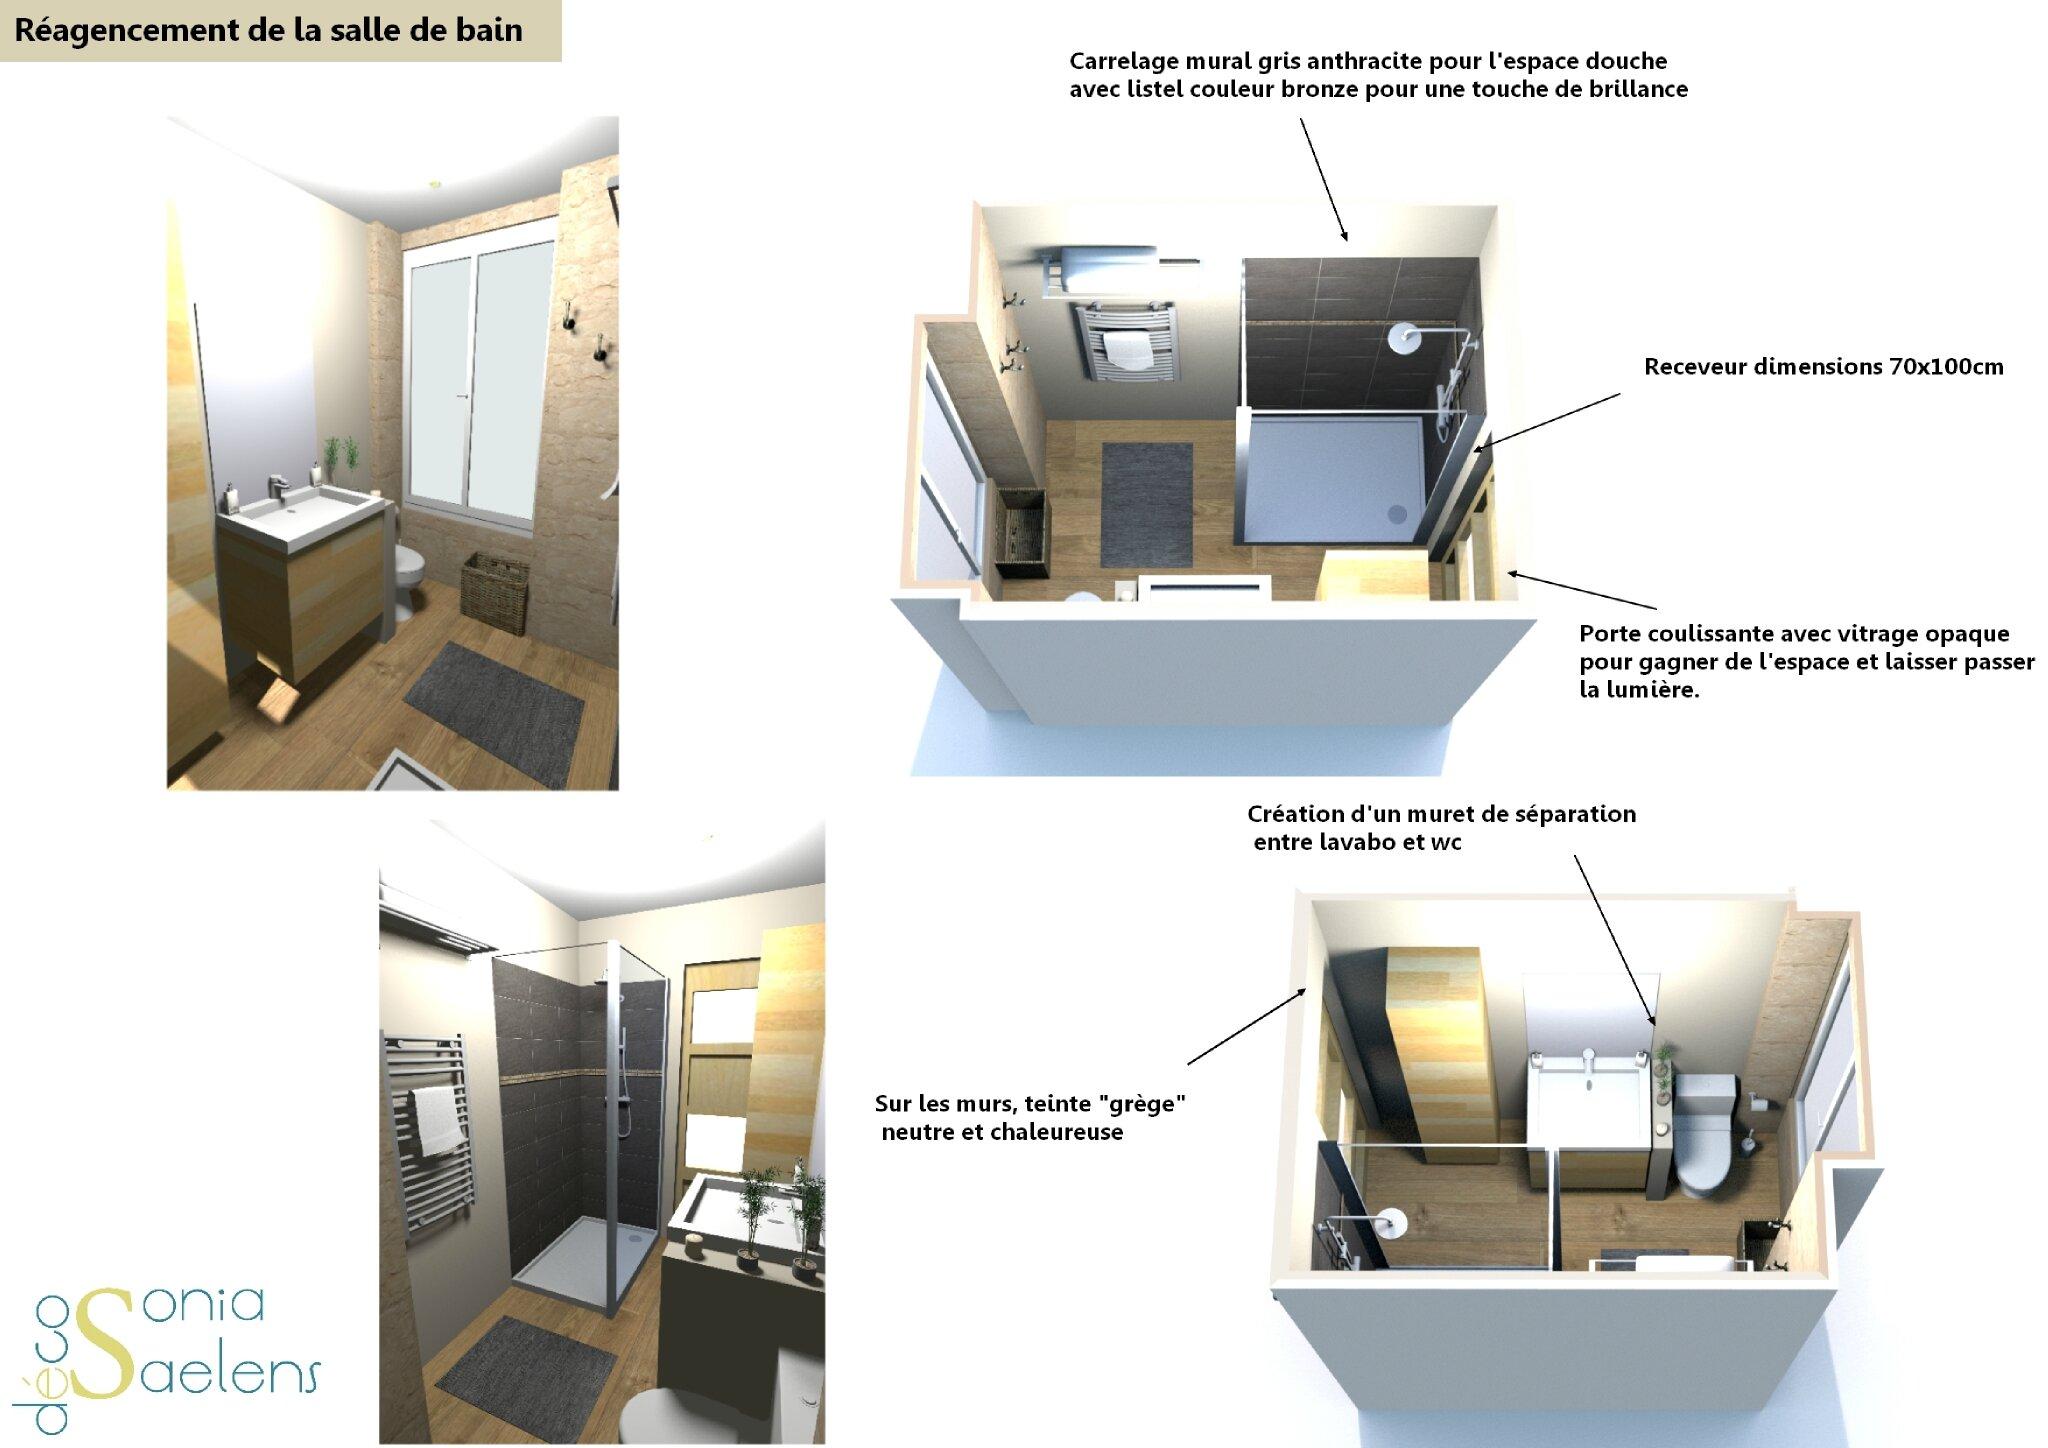 Projet client r agencement d 39 une petite salle de bain for Salle de bain 13